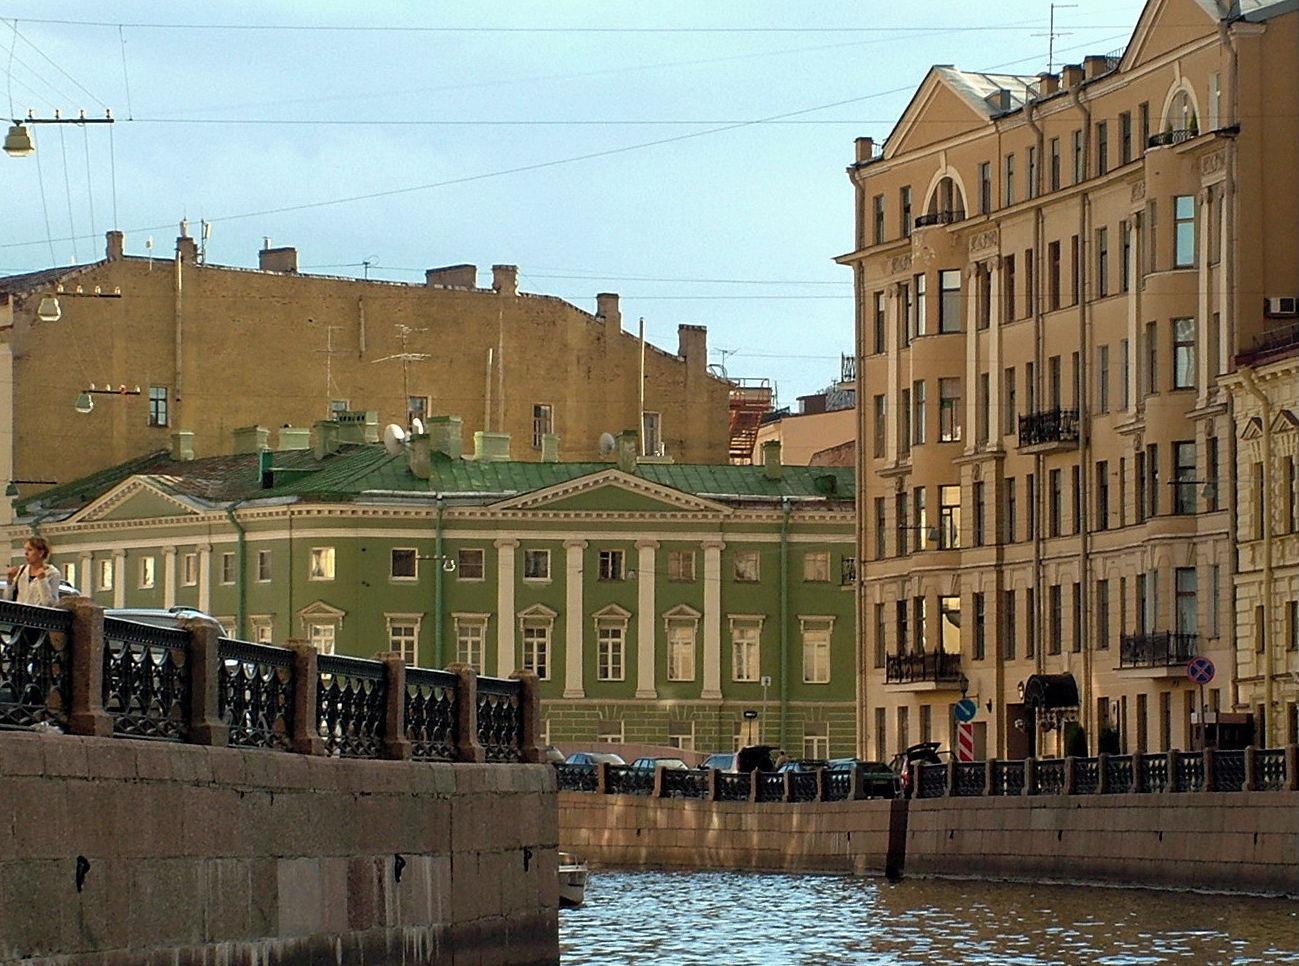 Программе реновации хрущевок в Санкт-Петербурге – расселение или рейдерство?